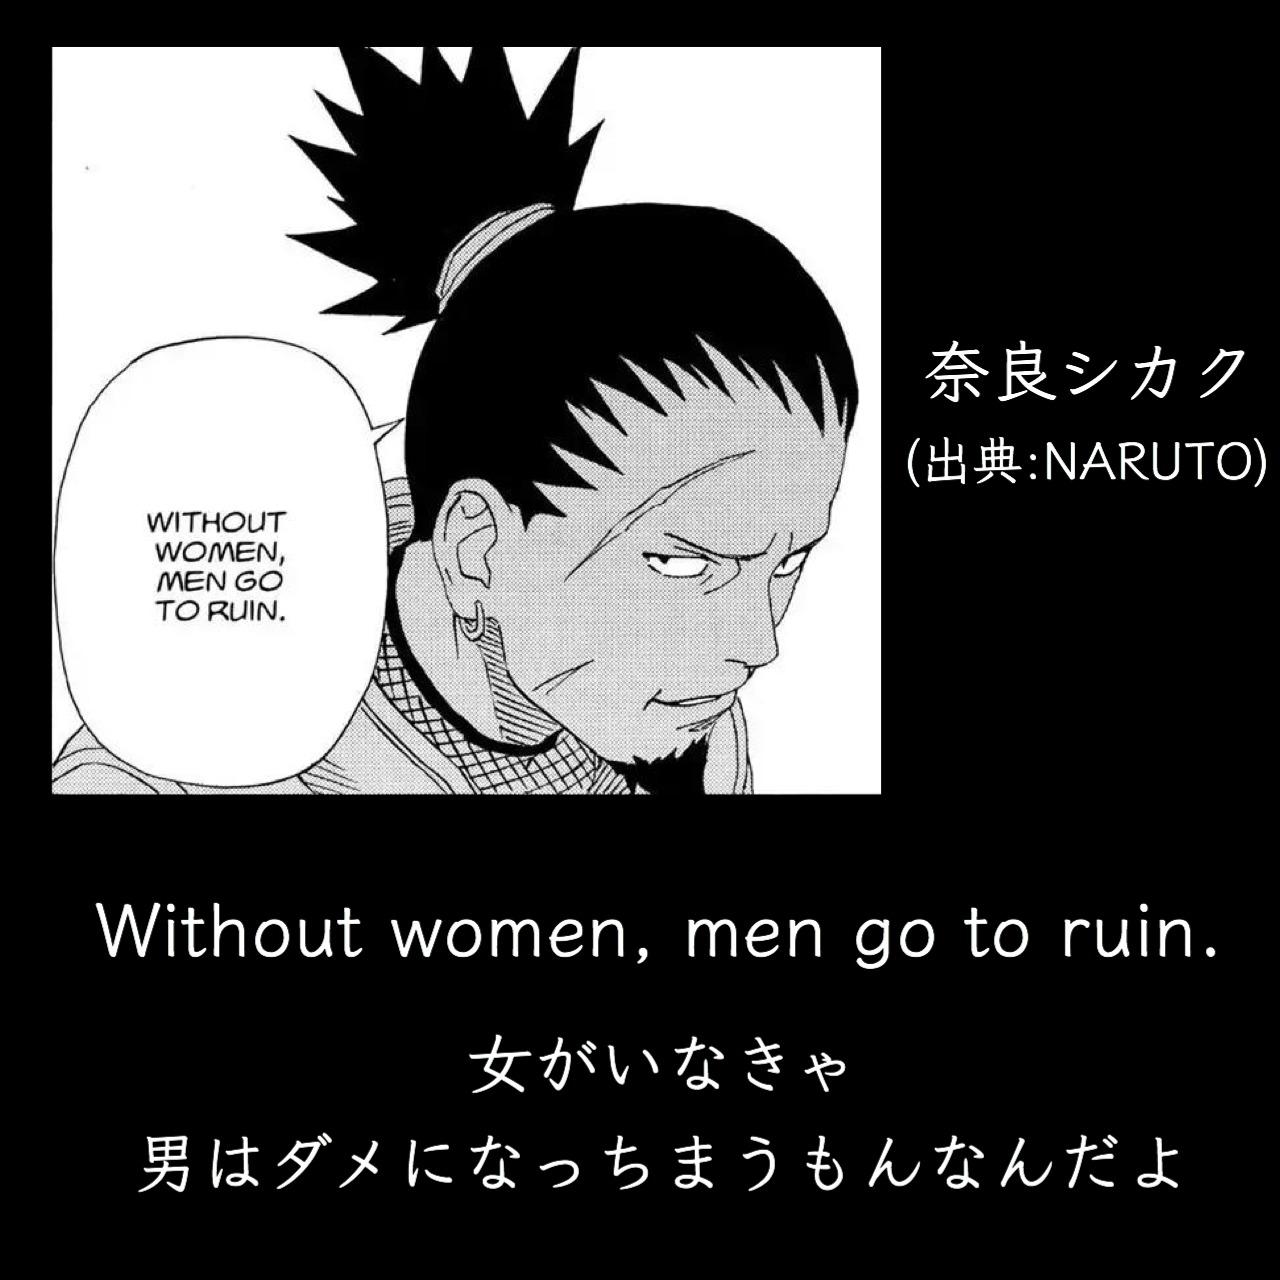 女がいなきゃ男はダメになっちまうもんなんだよ / 奈良シカク(出典:NARUTO)